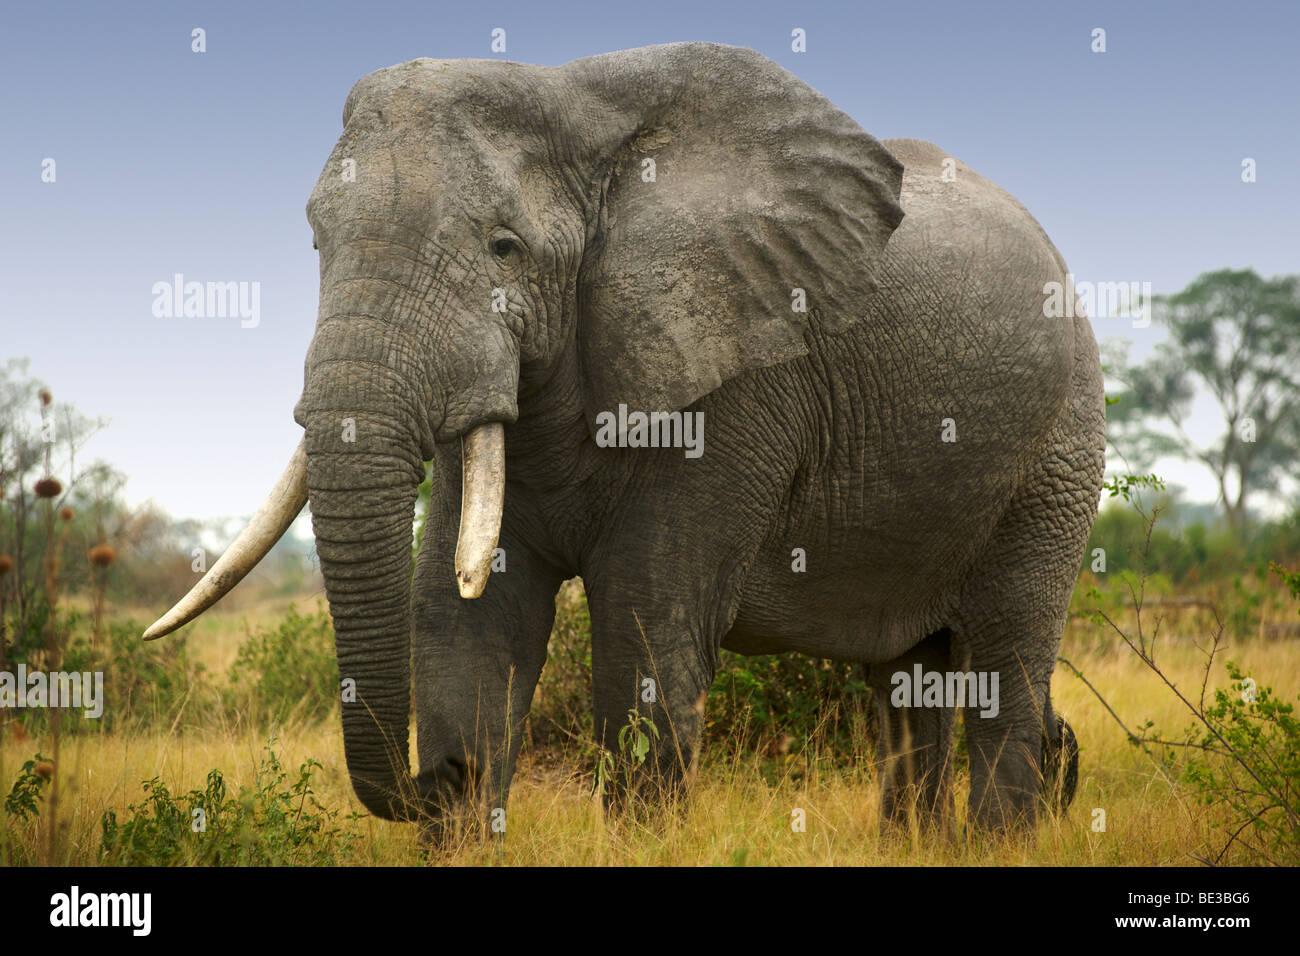 El elefante (Loxodonta Africana) en Ishasha en el Parque Nacional Queen Elizabeth en Uganda. Imagen De Stock